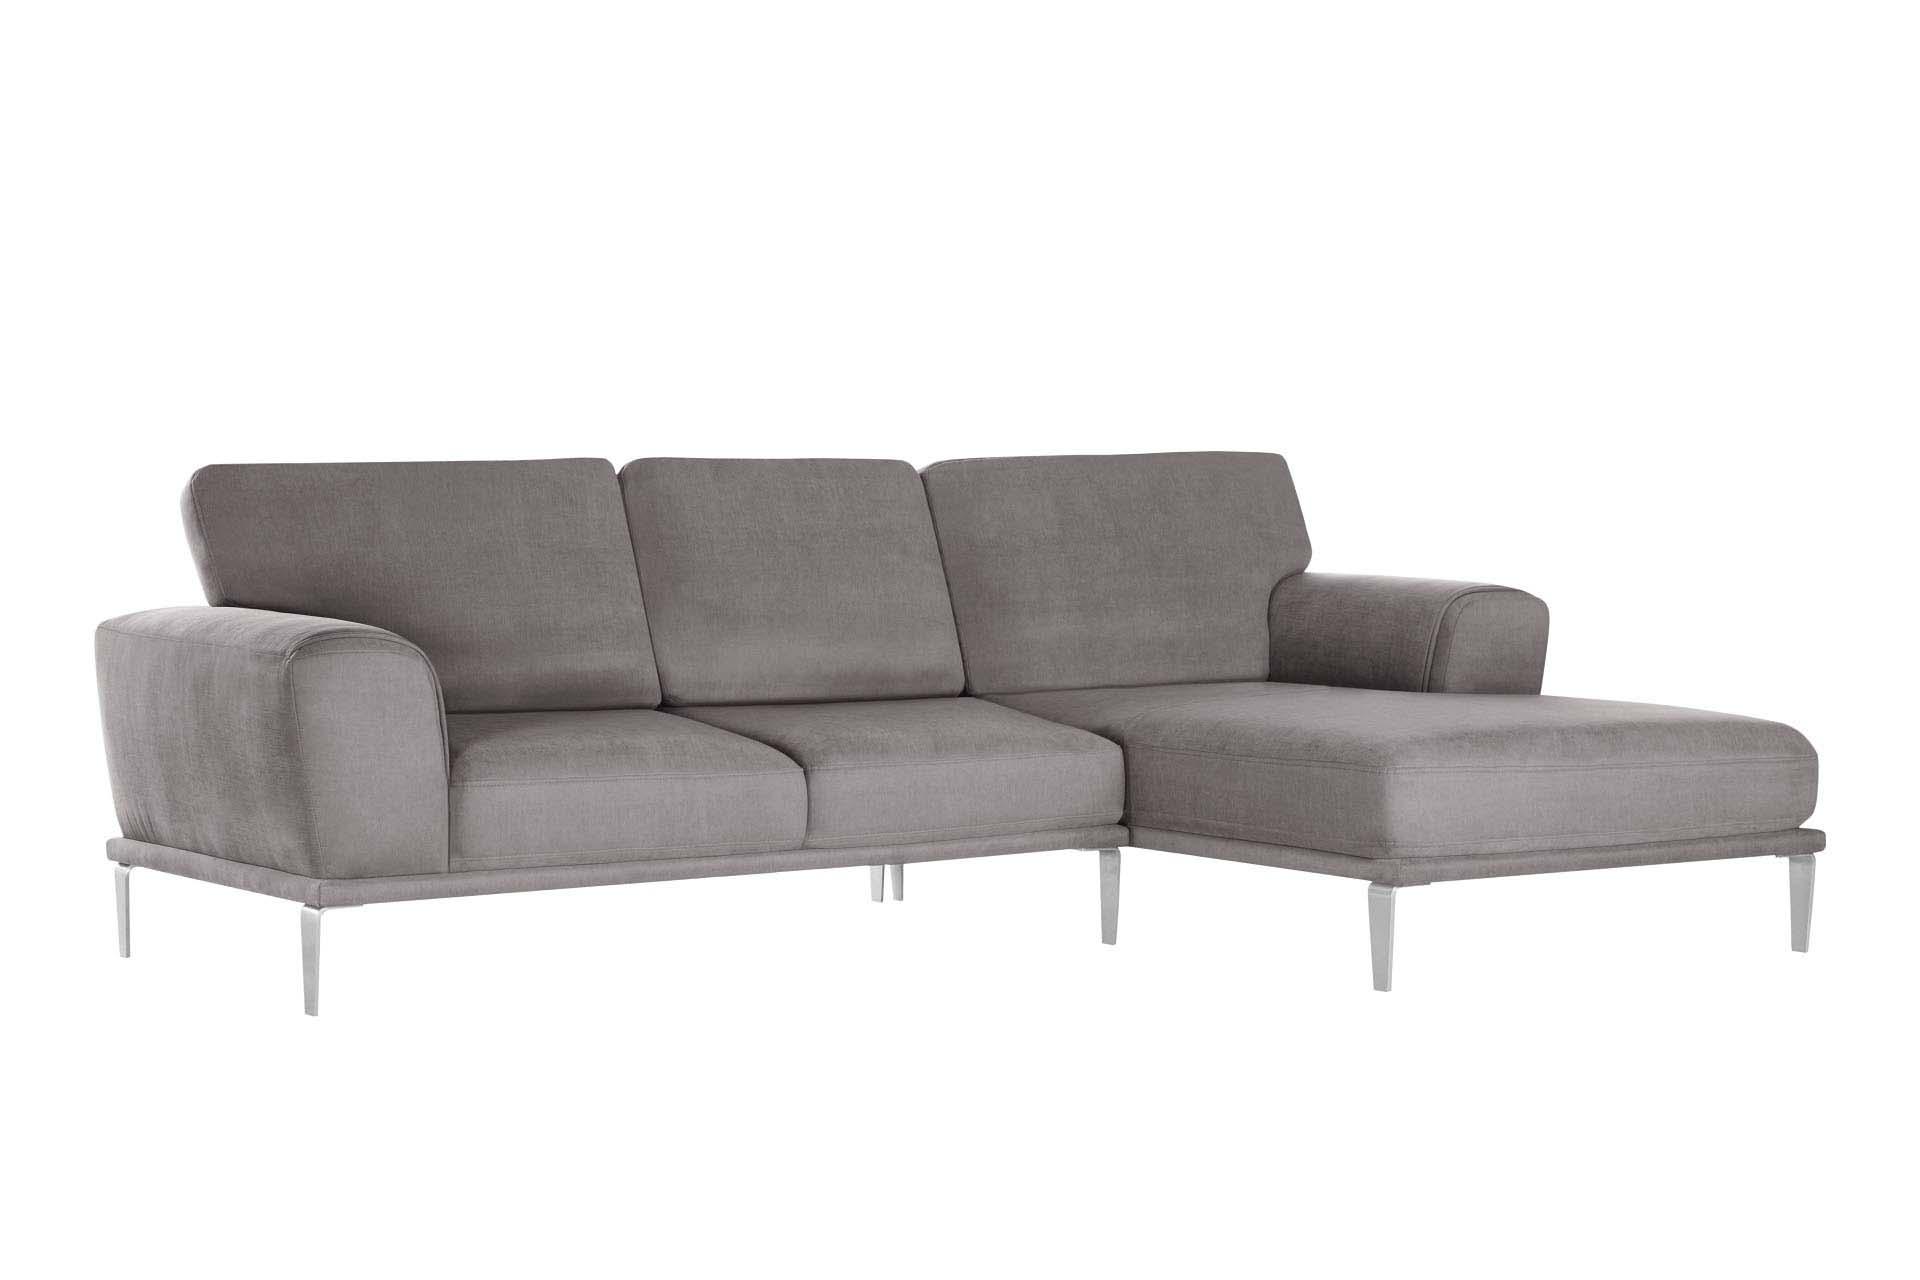 L'Officiel Interiors Canapé d'angle droit 5 places toucher coton marron cendré